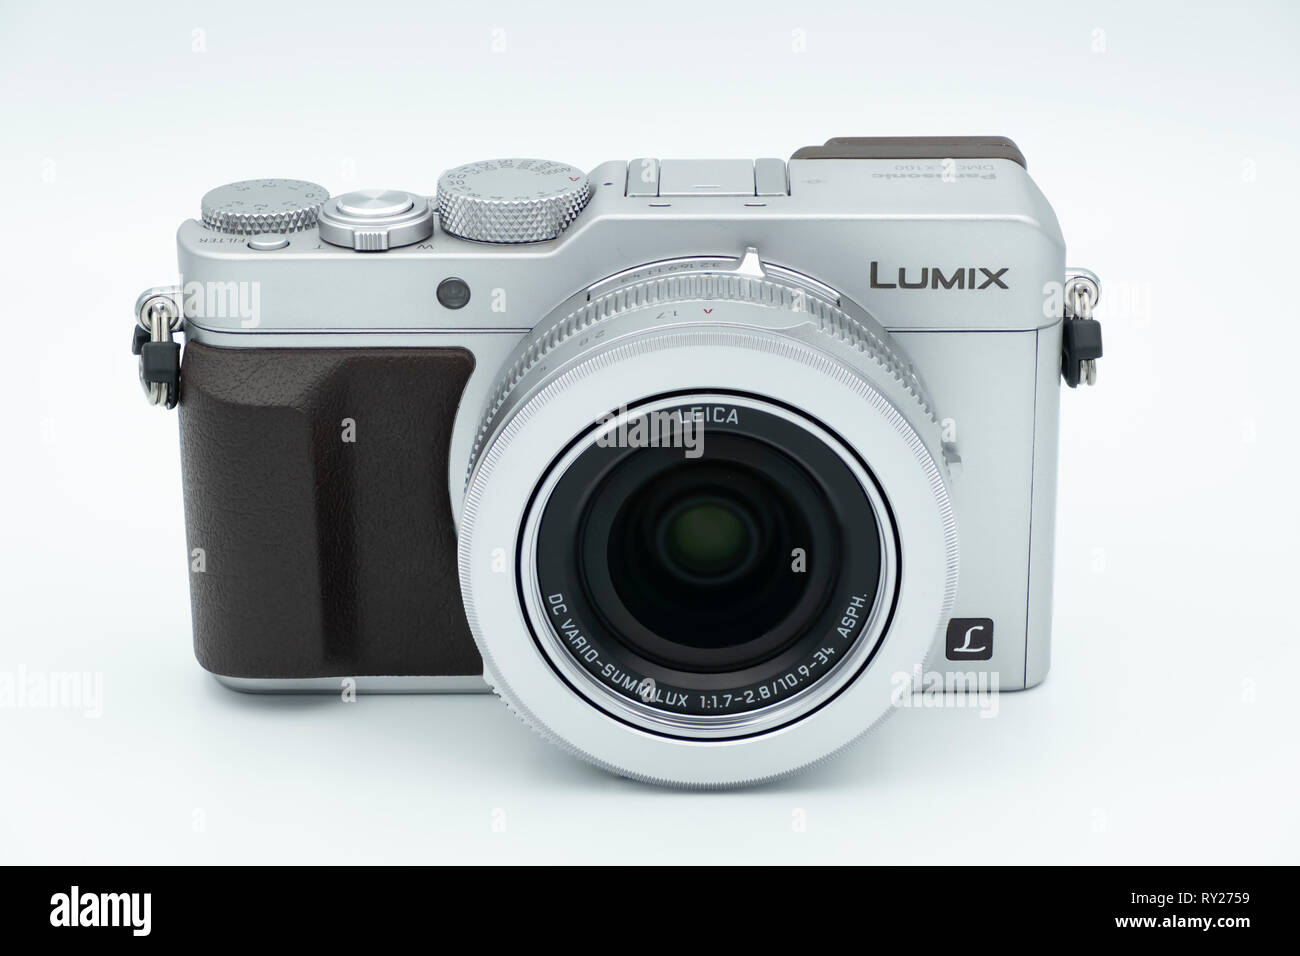 Panasonic Lumix Stock Photos & Panasonic Lumix Stock Images - Alamy